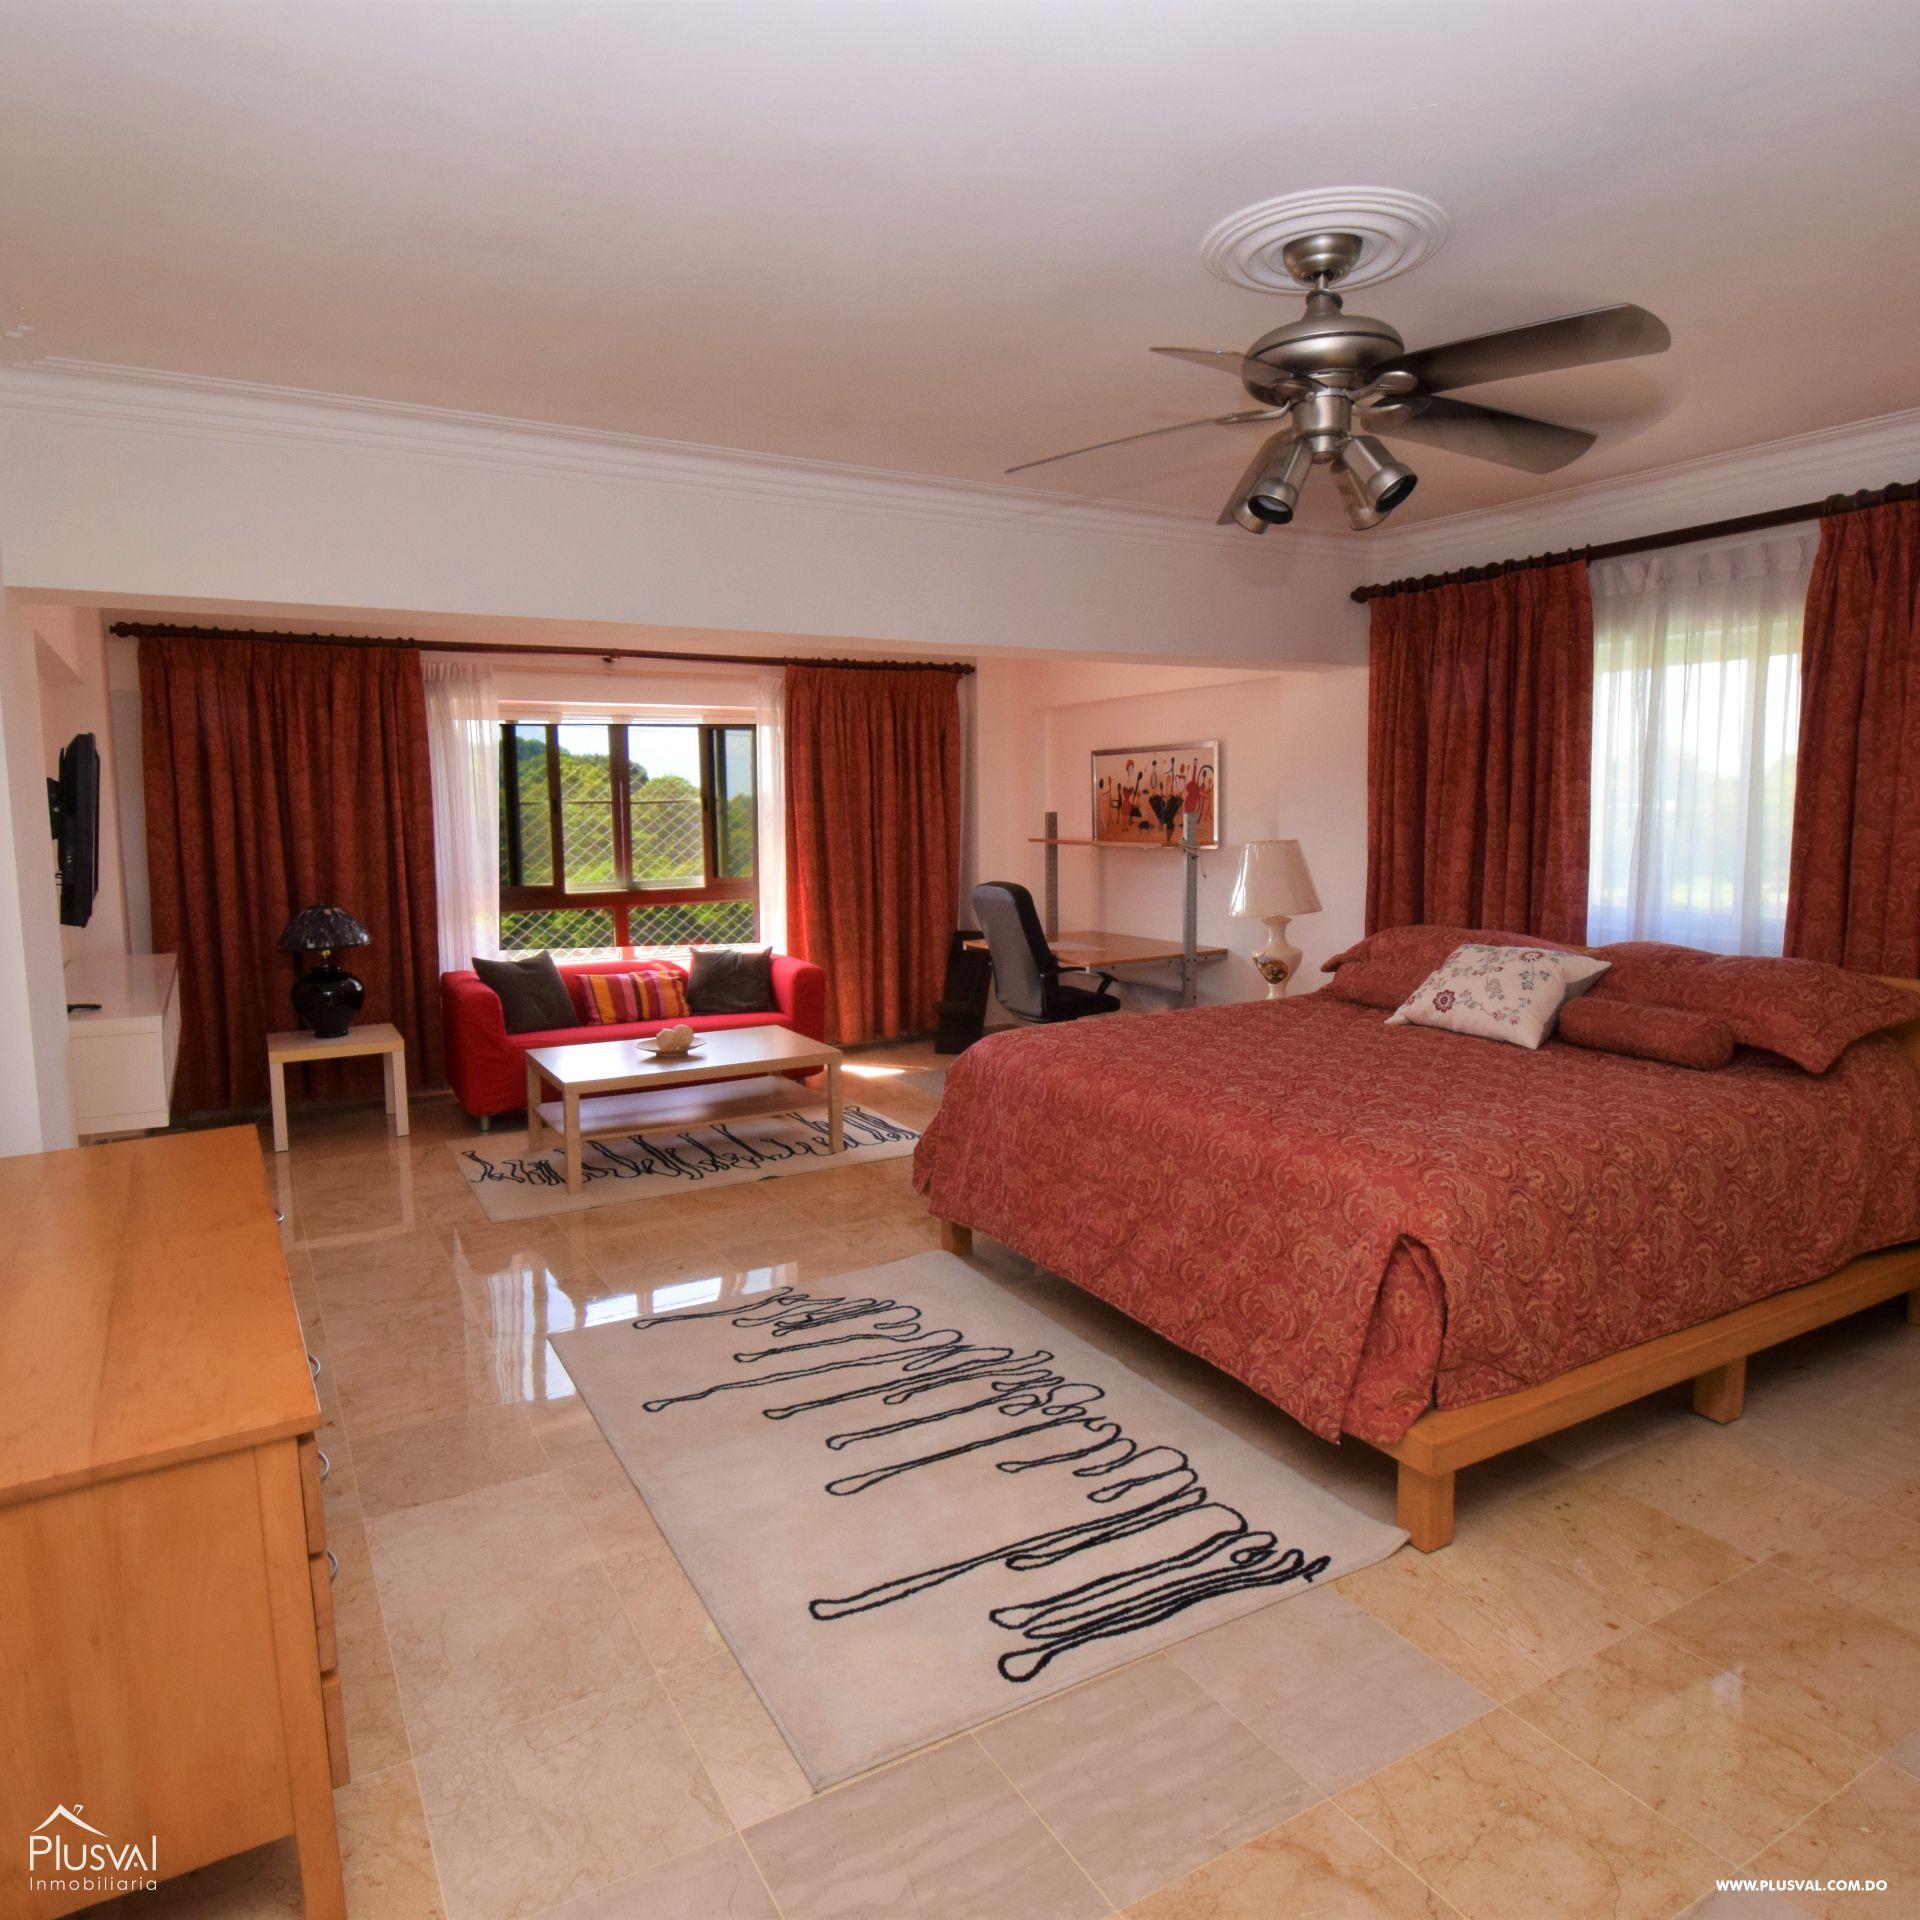 Apartamento en alquiler amueblado en la exclusiva Av. Anacaona